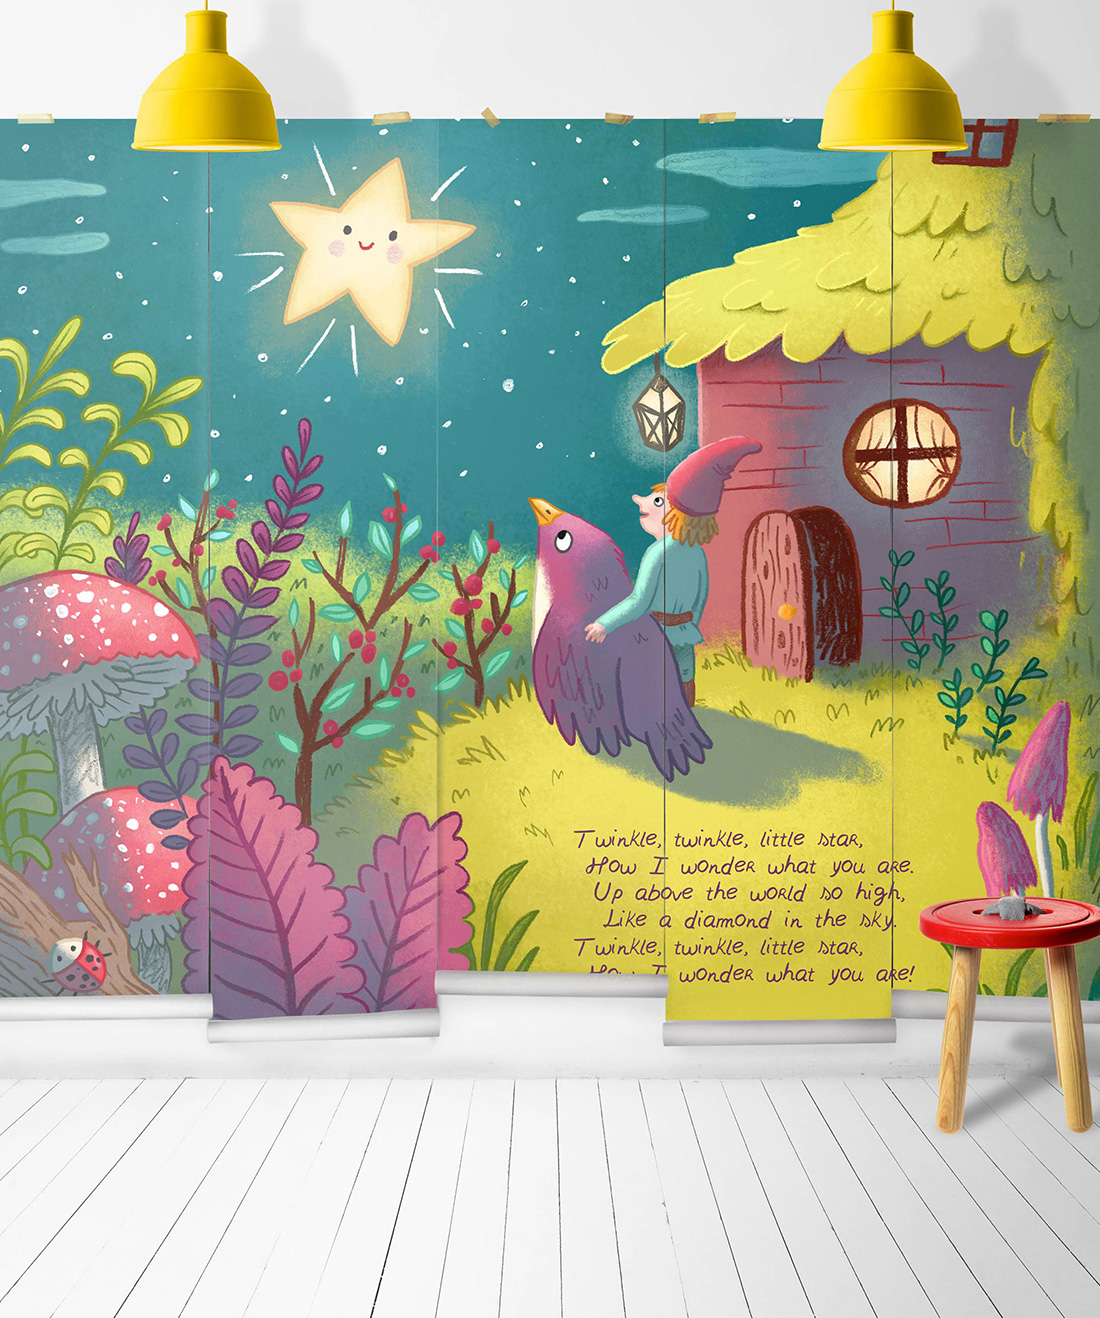 Twinkle Twinkle Mural